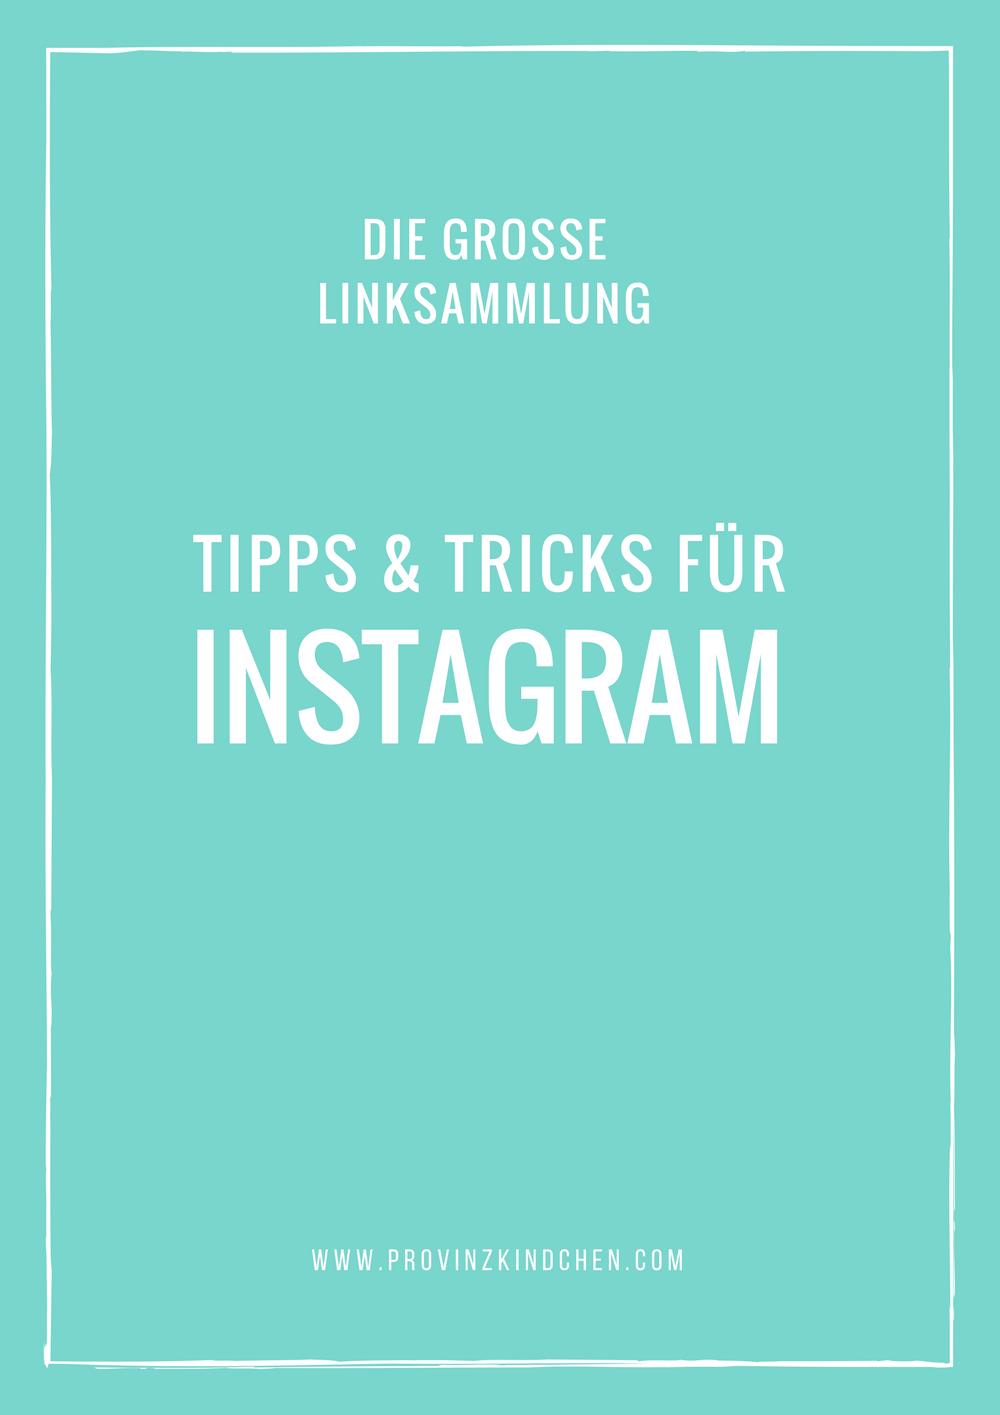 Instagram: Alle Tipps & Tricks - die große Linksammlung | provinzkindchen.com